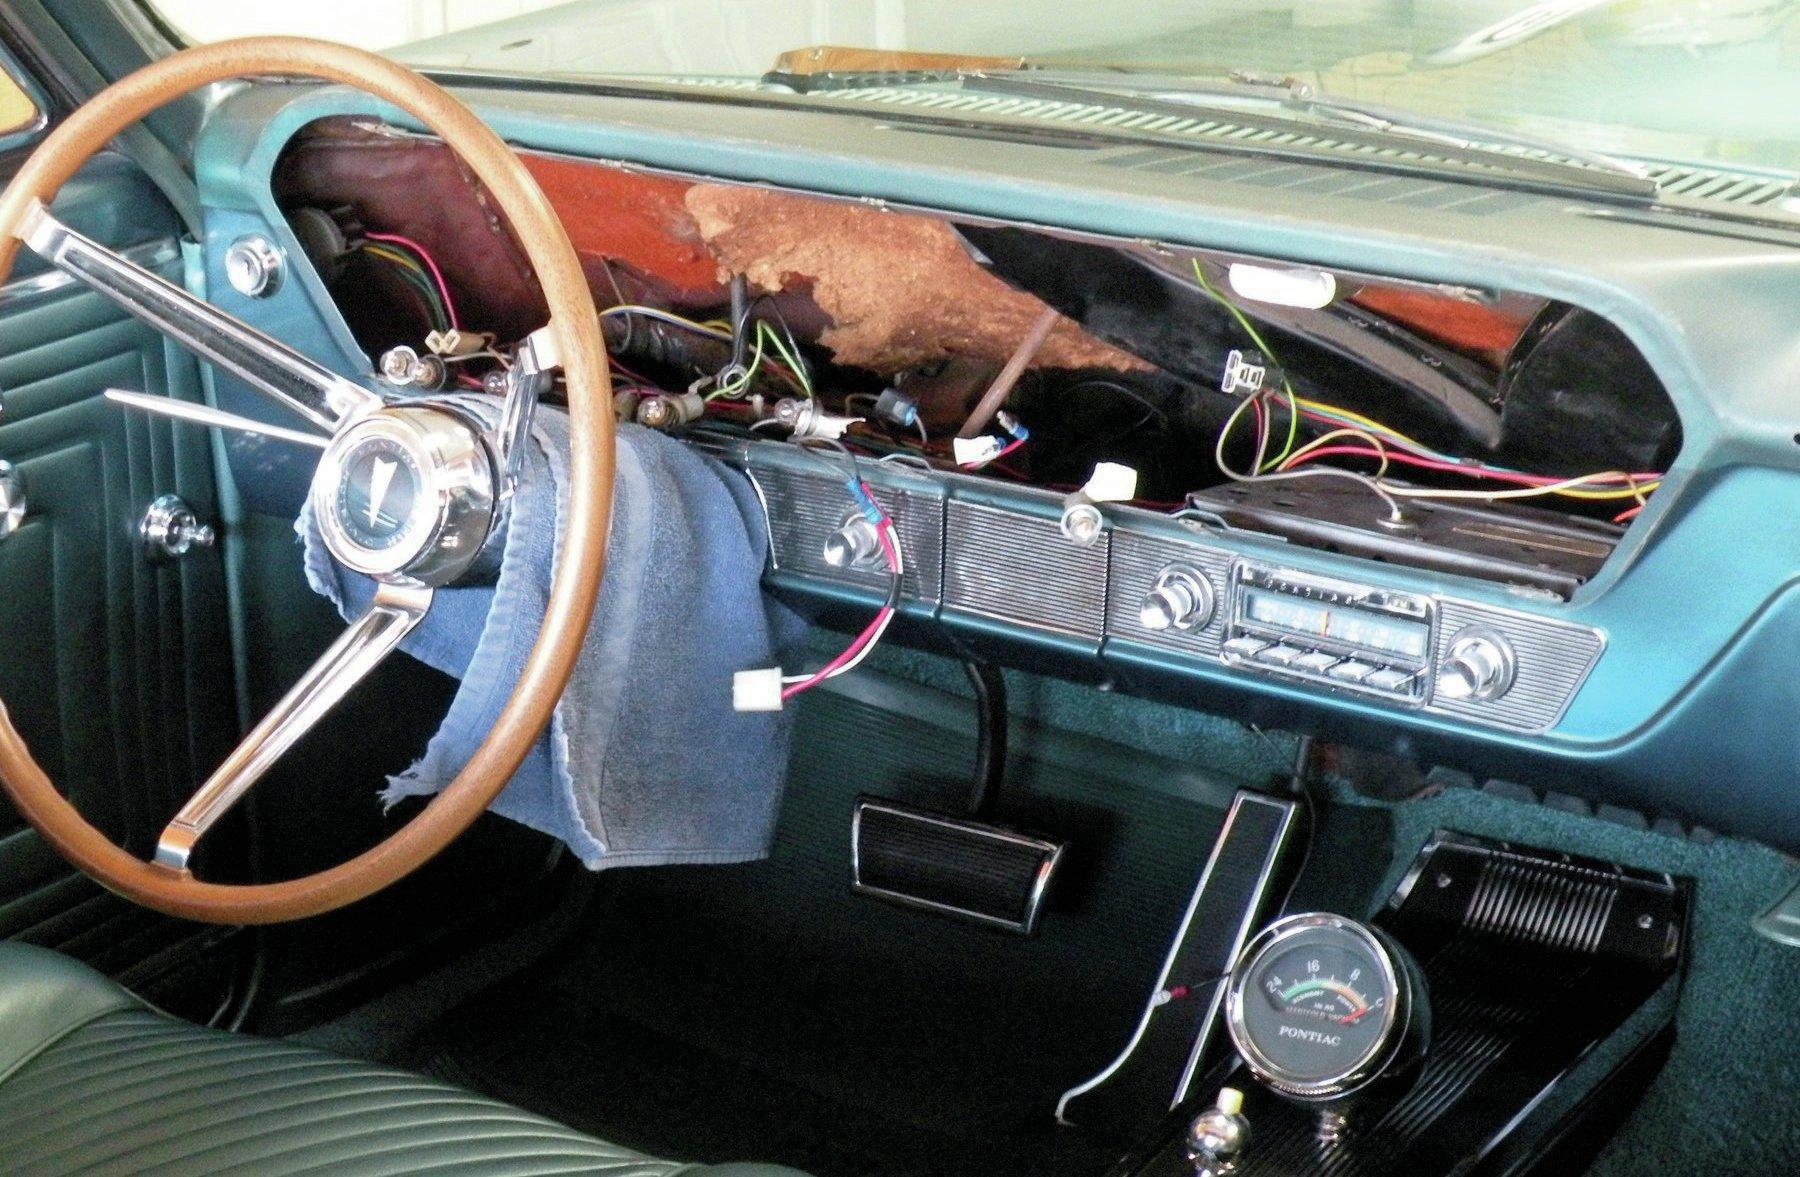 1965 pontiac gto rally gauge wiring diagram electrical wiring diagrams 1967 gto dash wiring diagram 1965 [ 1800 x 1177 Pixel ]